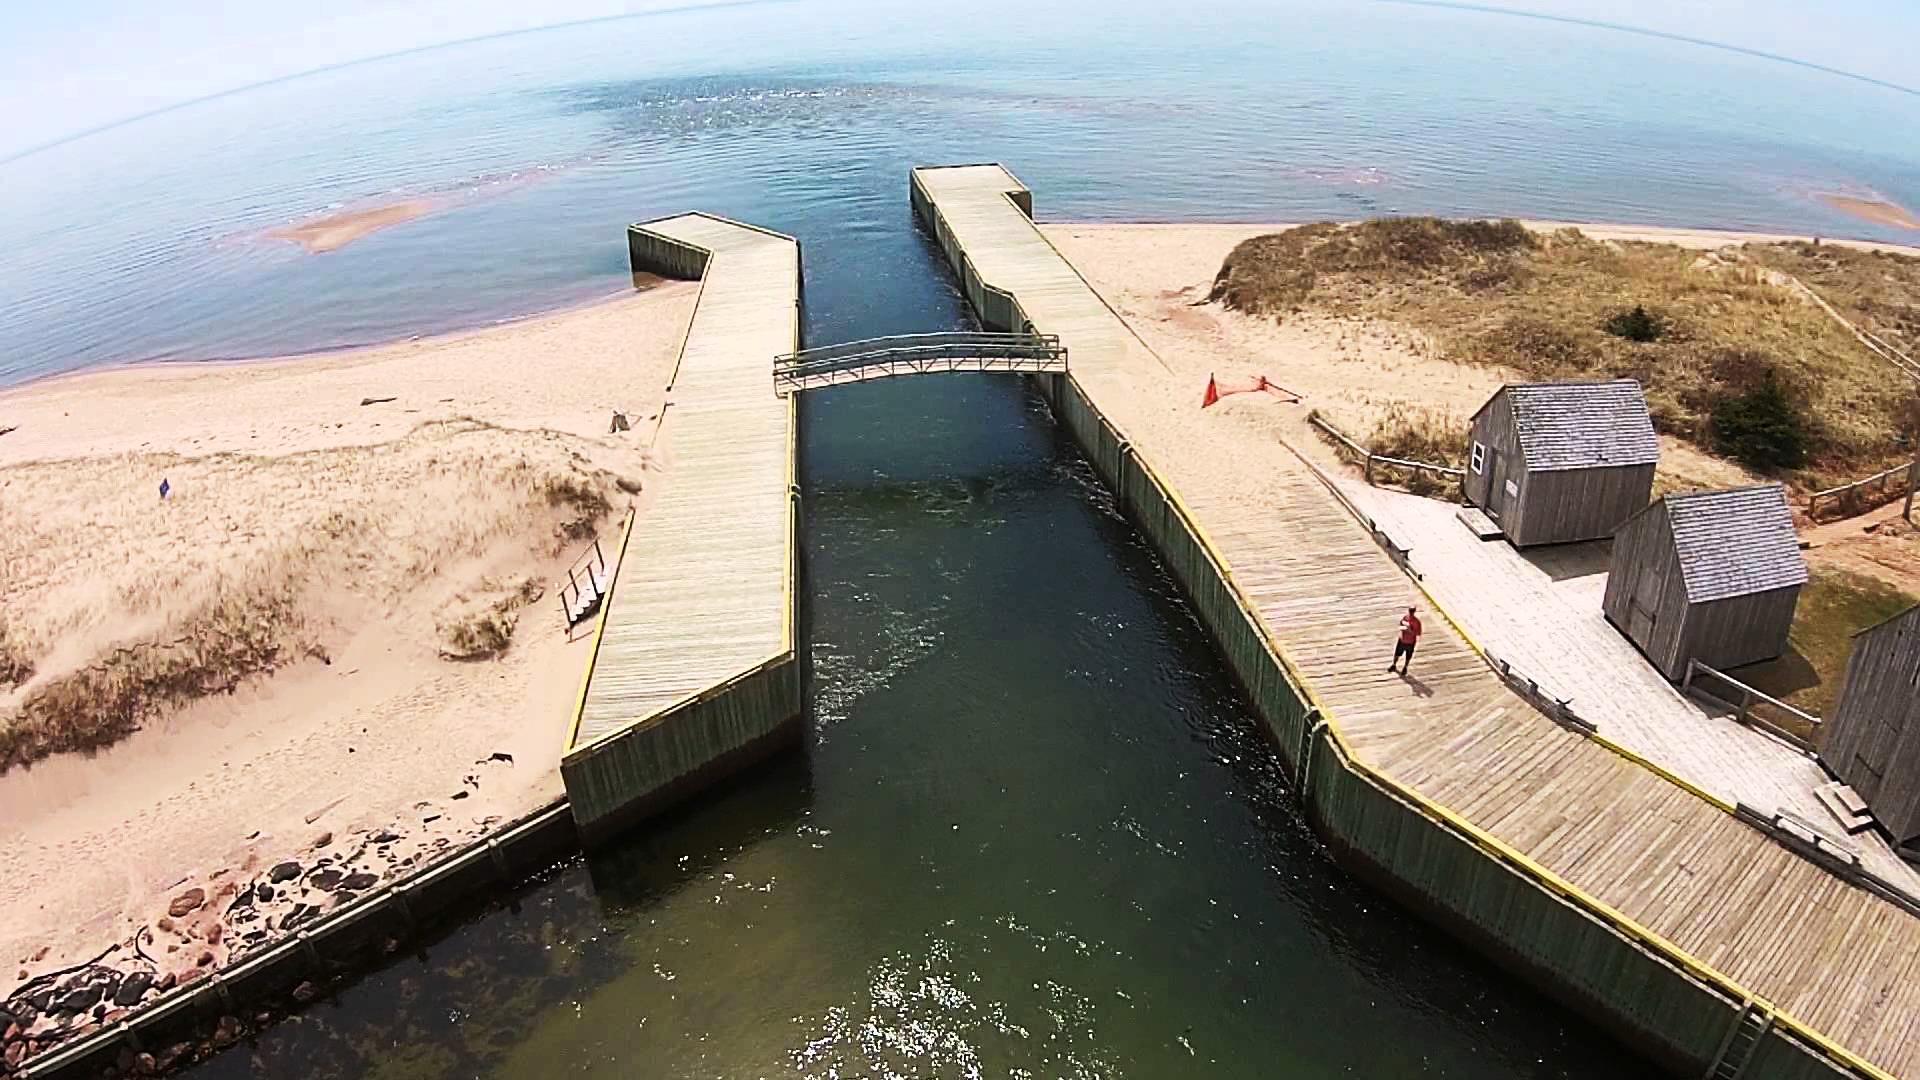 birds eye view of basin head boardwalk along shoreline with bridge